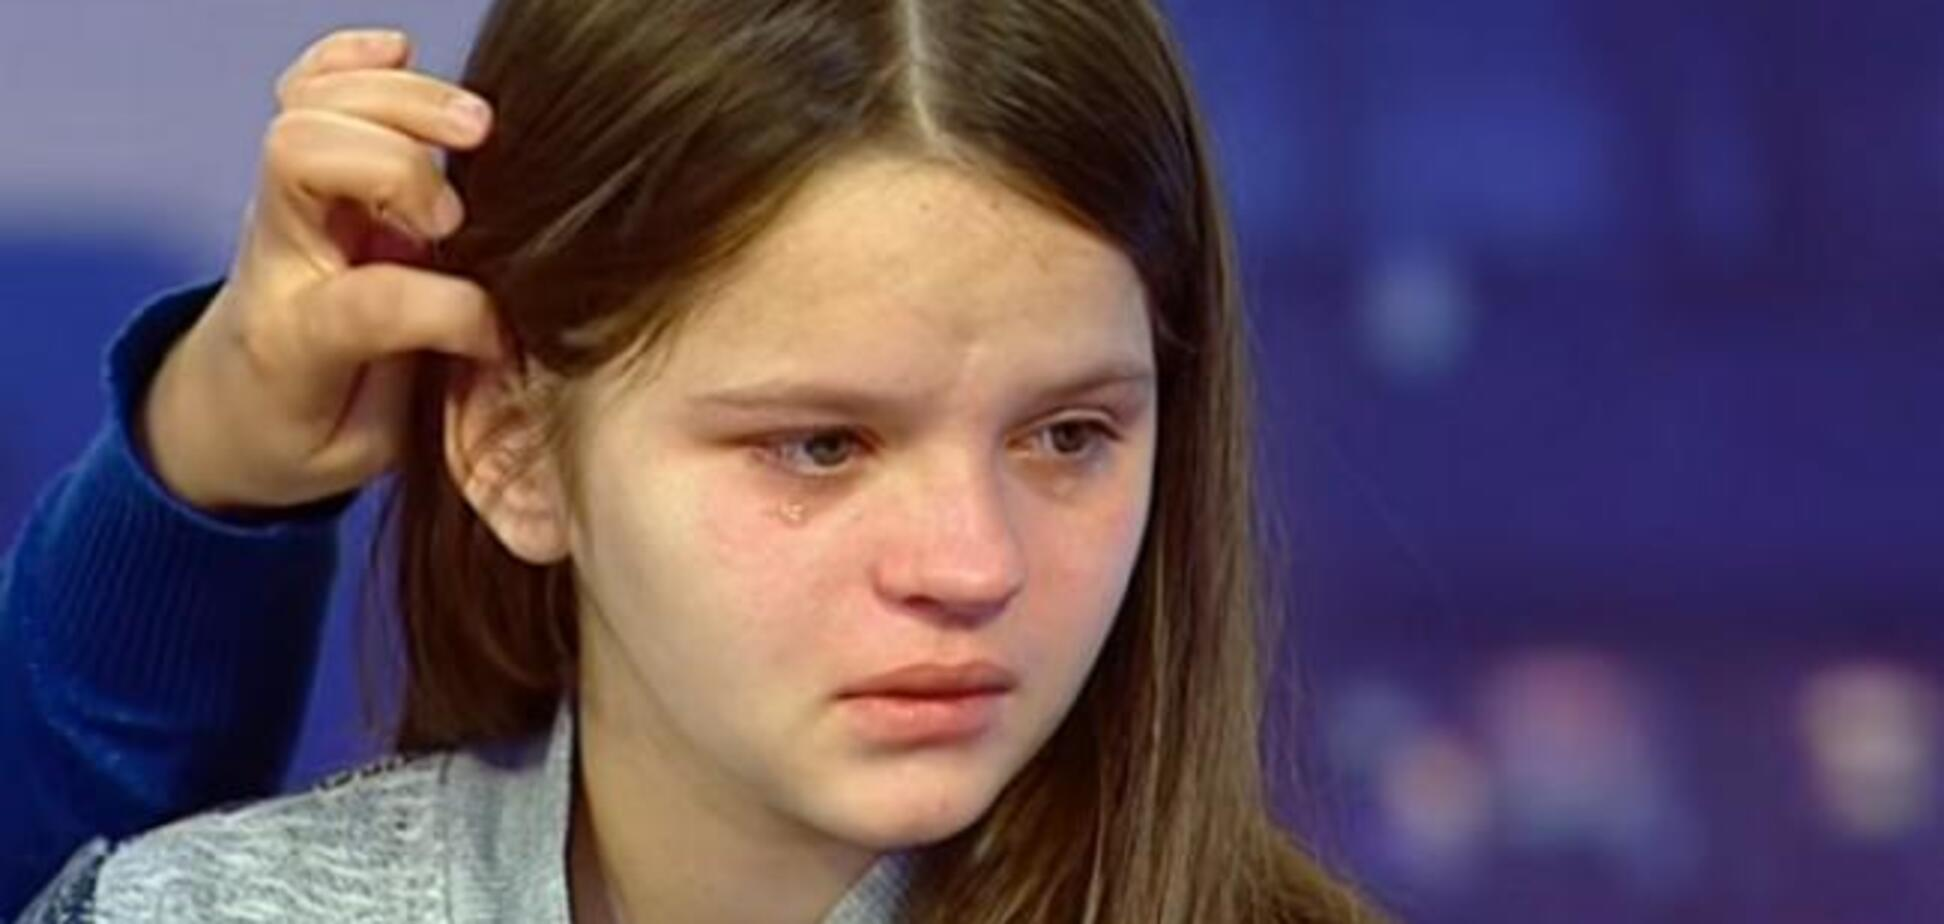 Ребенок родил ребенка: давать ли жизнь в 12 лет?